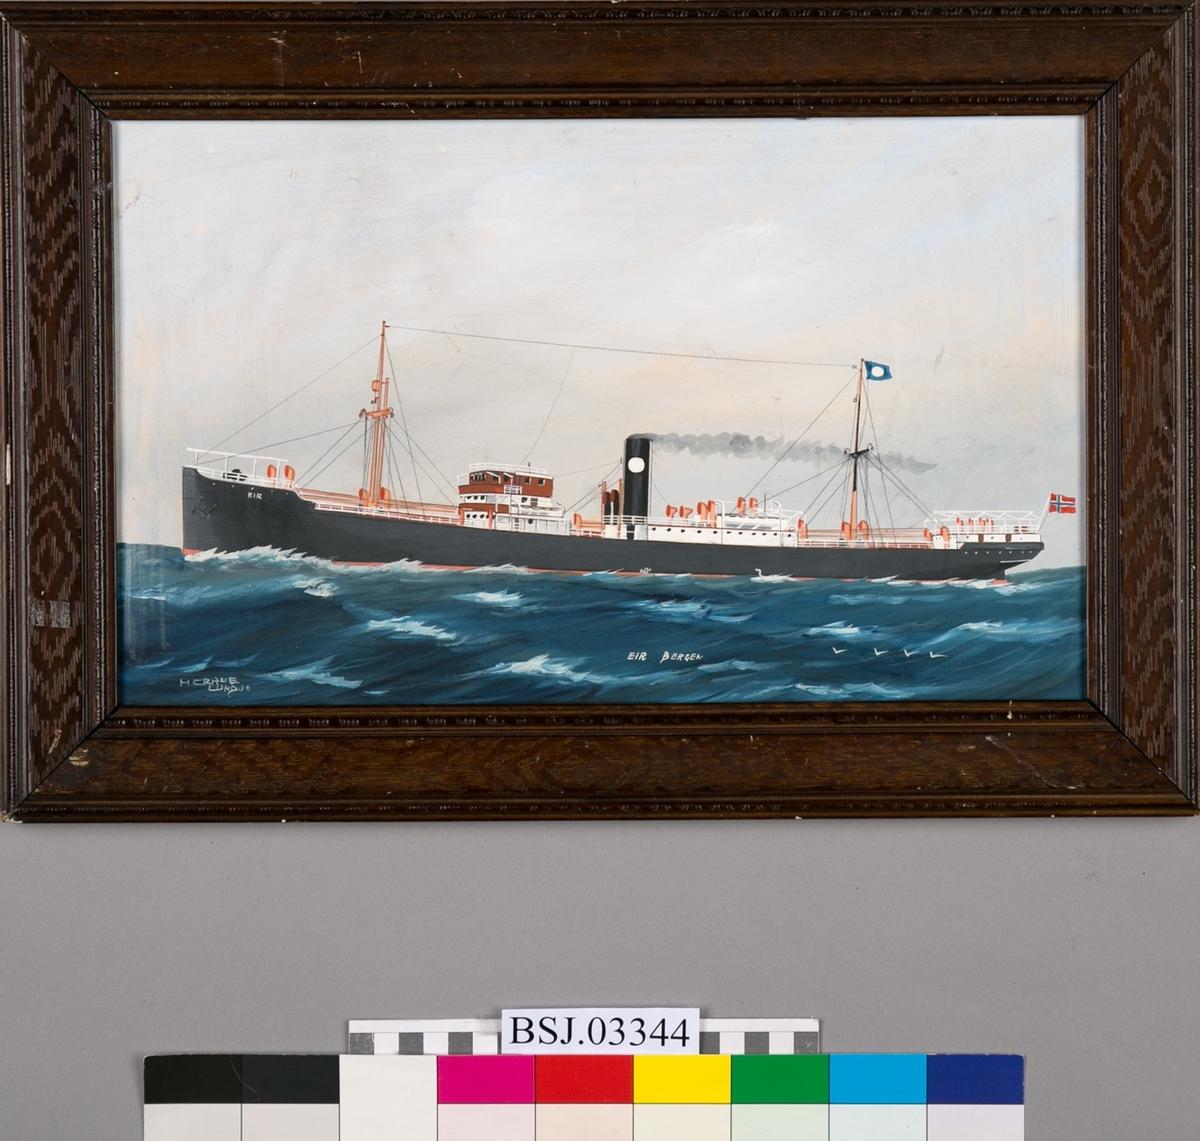 Skipsportrett av dampskipet EIR, på åpent hav. Store bølger og måker. Skipet har to master, vimpel med rederimerke. Baugen merket med EIR og skorsteinen bærer rundt hvitt rederimerke for rederiet Jacob R. Olsen. Norsk flagg i akter.